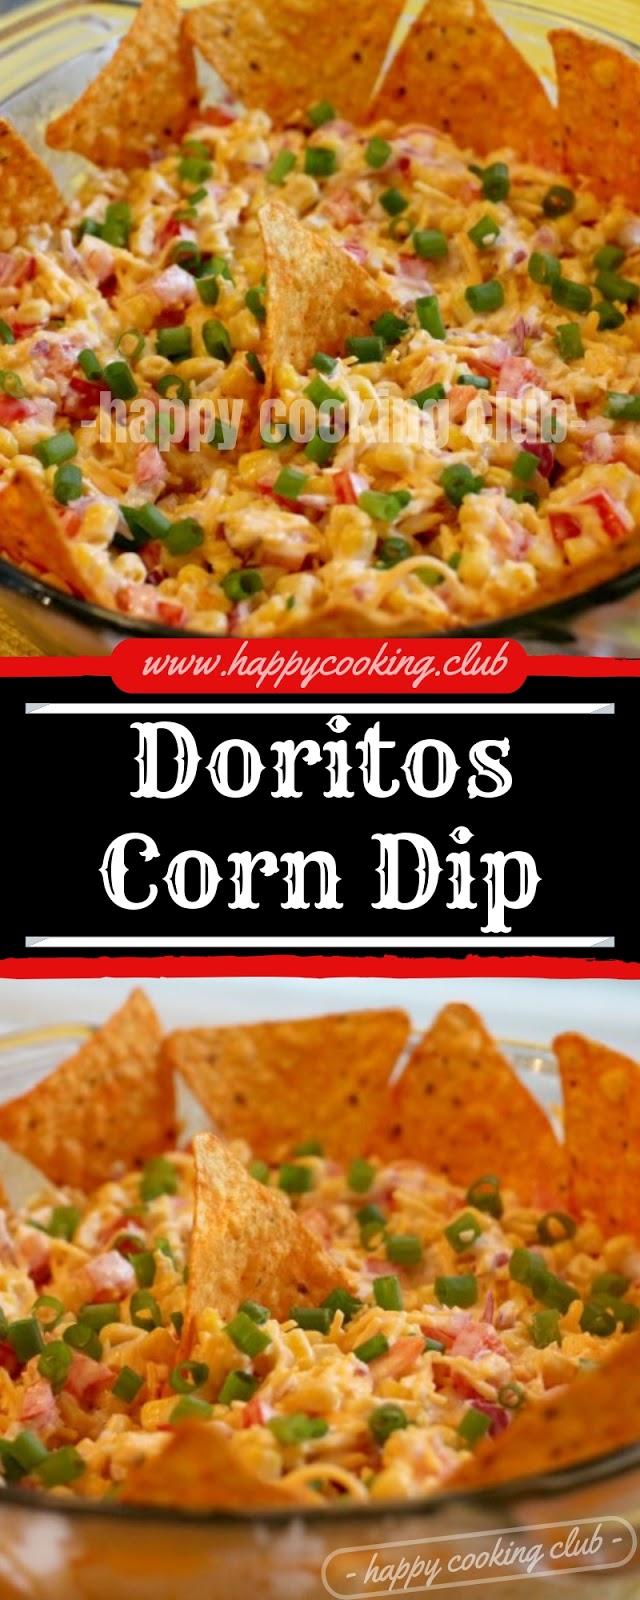 Doritos Corn Dip